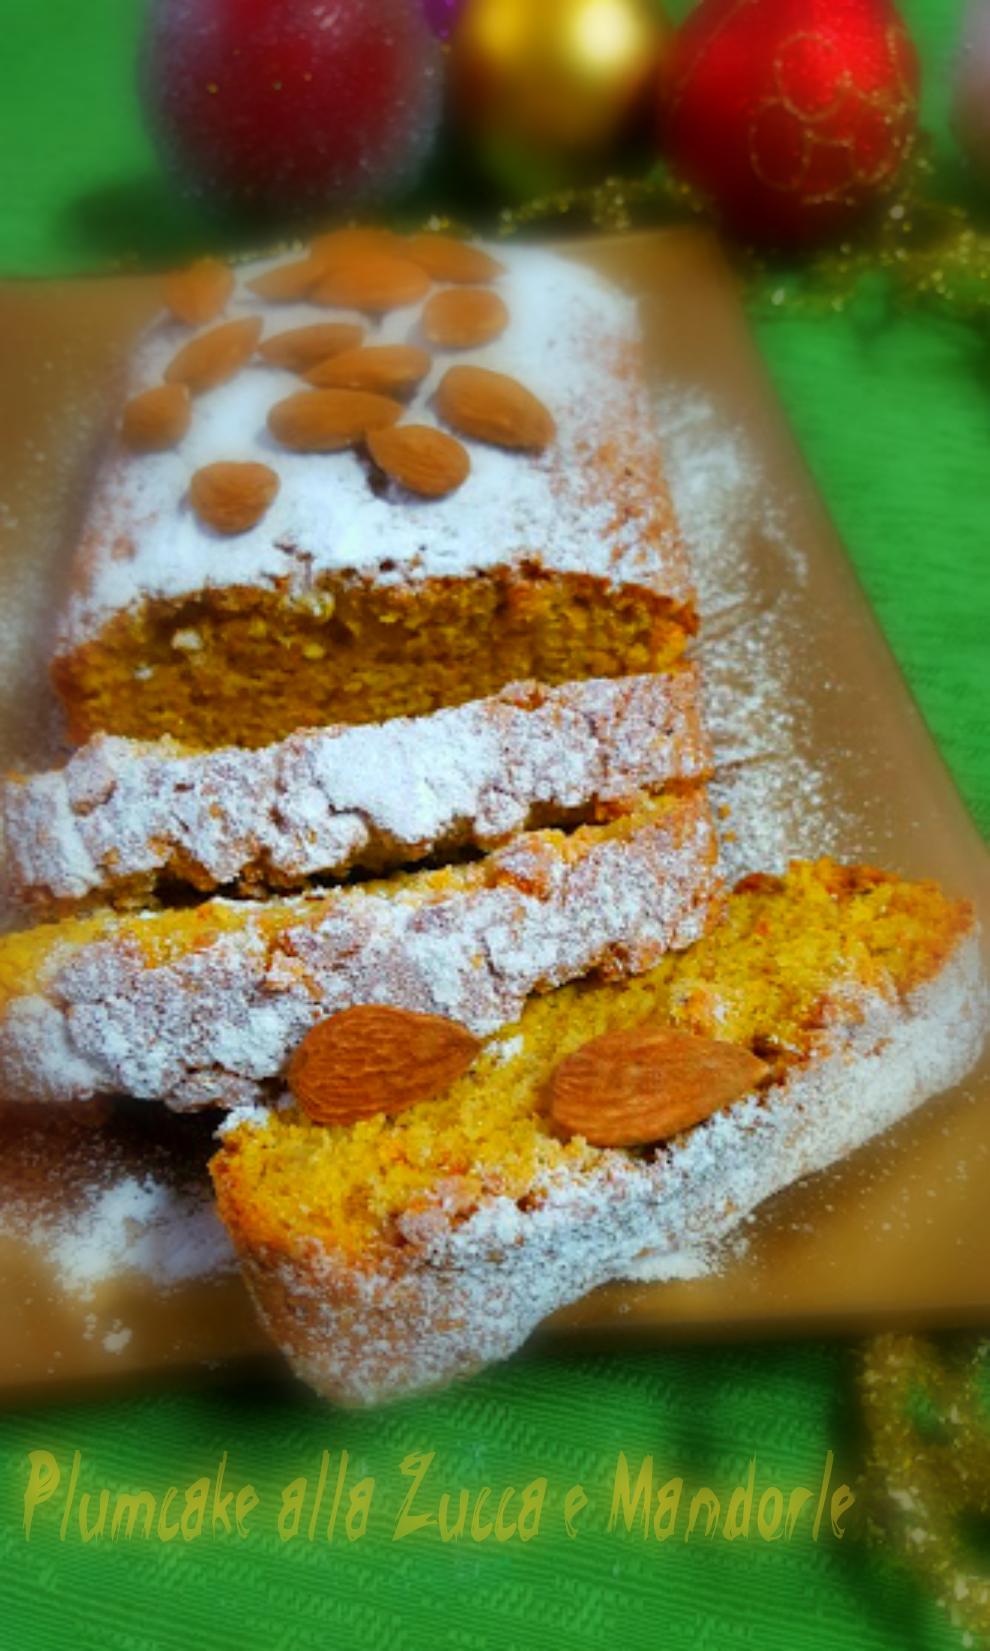 plumcake-alla-zucca-e-mandorle-g